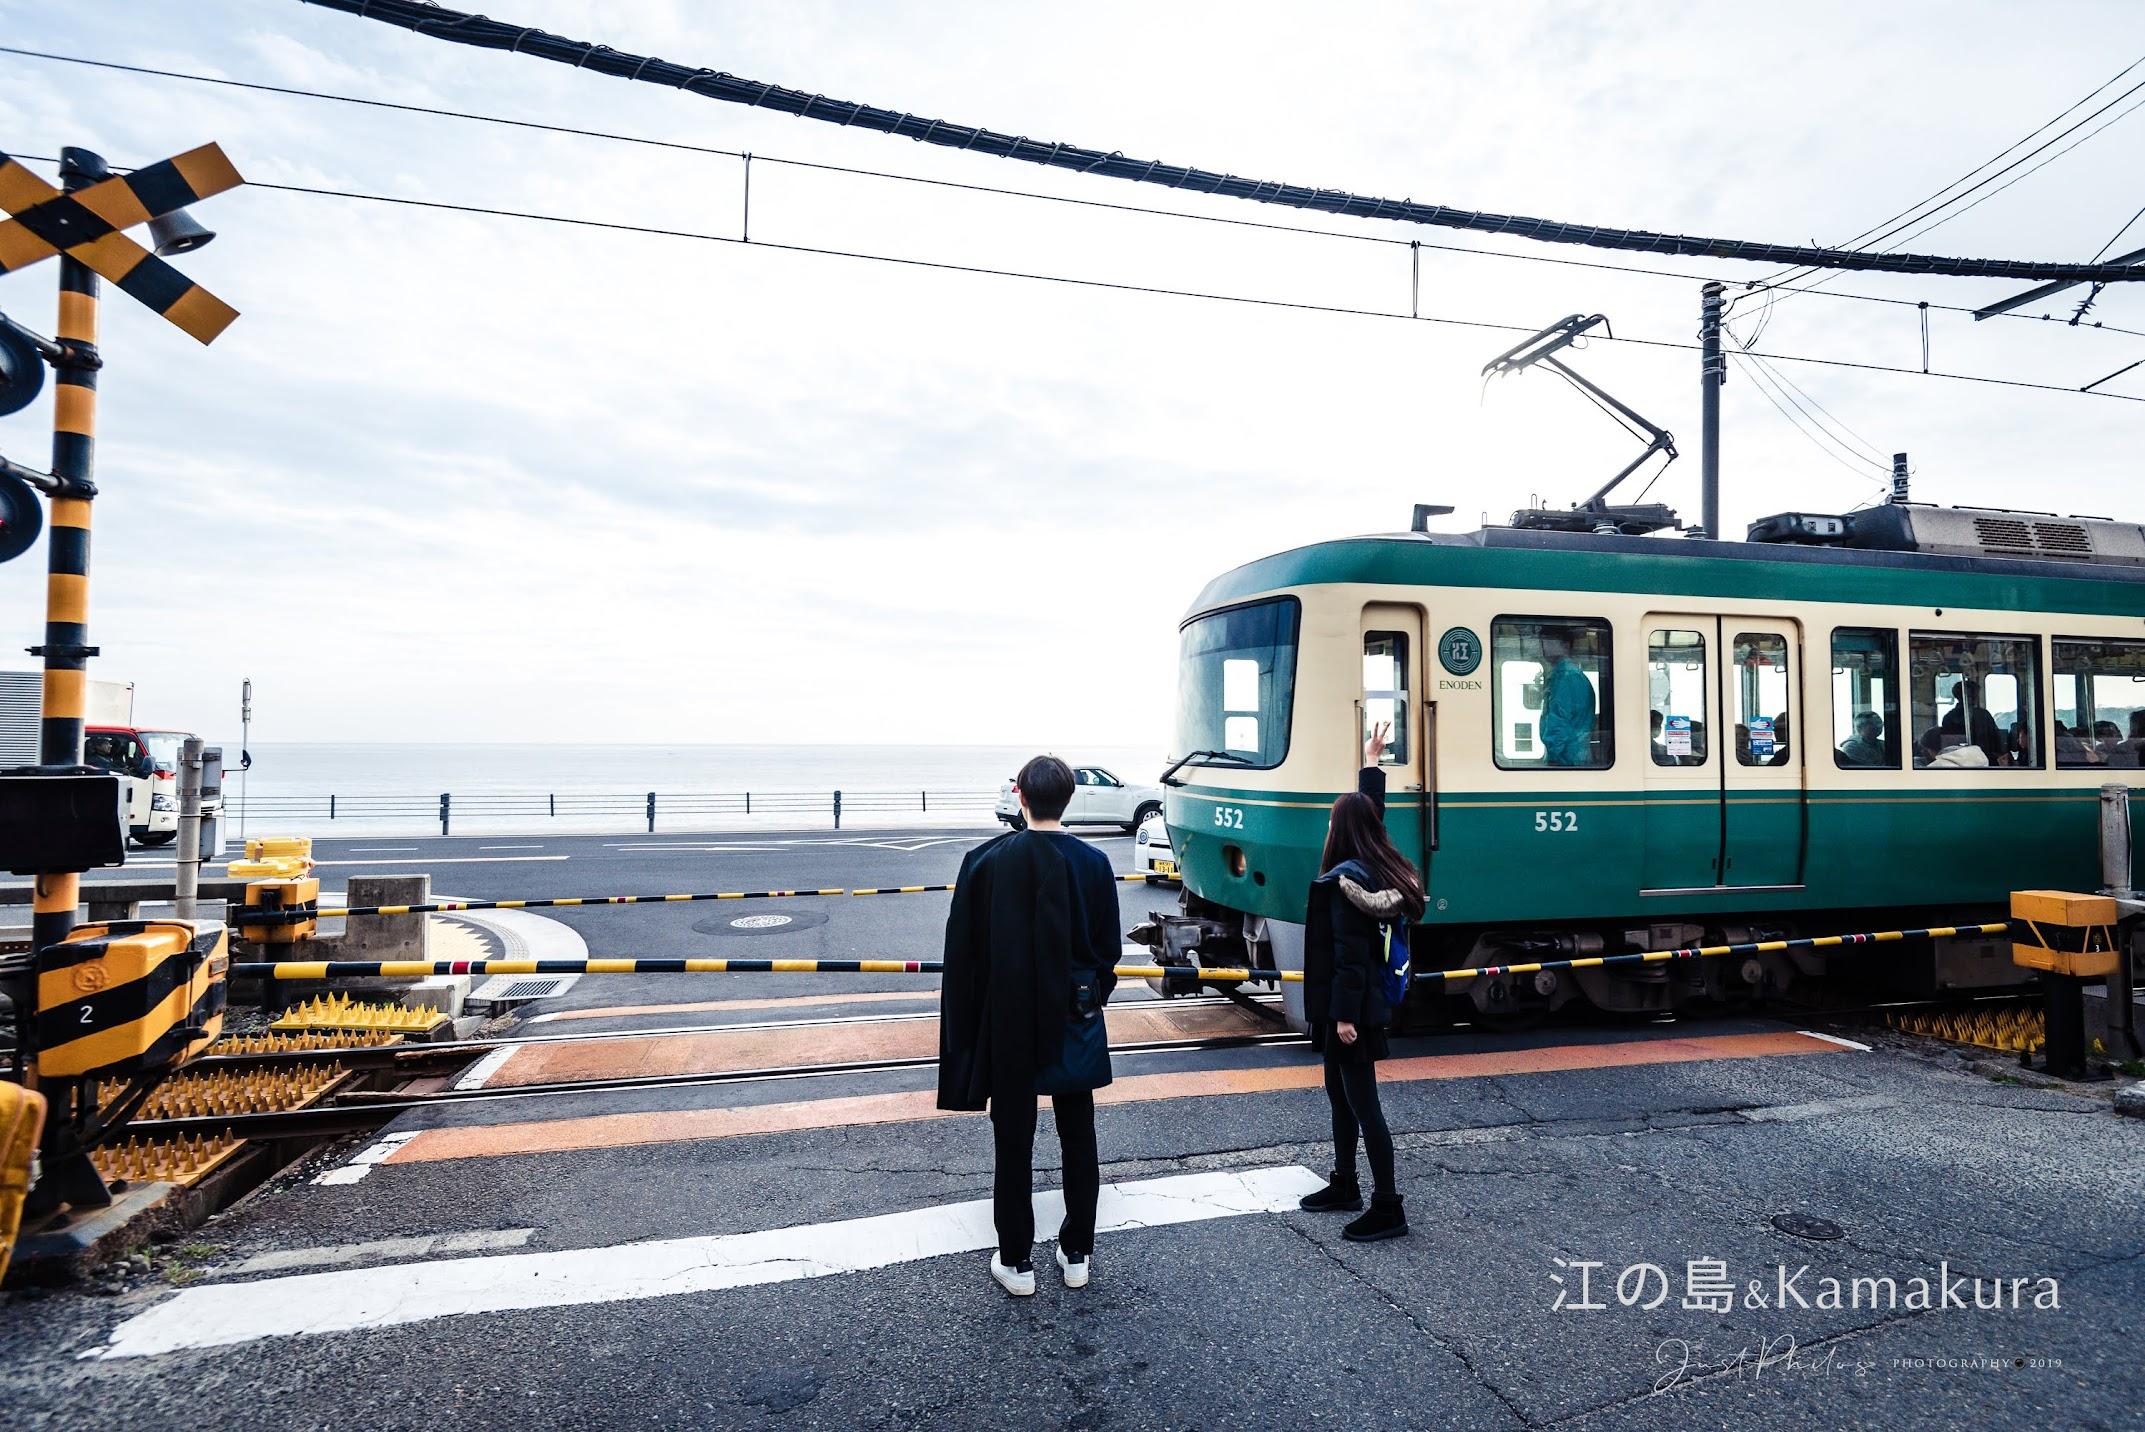 鎌倉高校前站因為是漫畫灌籃高手的場景,以及擁有無敵海景的視野,總是吸引觀光客前往拍照。